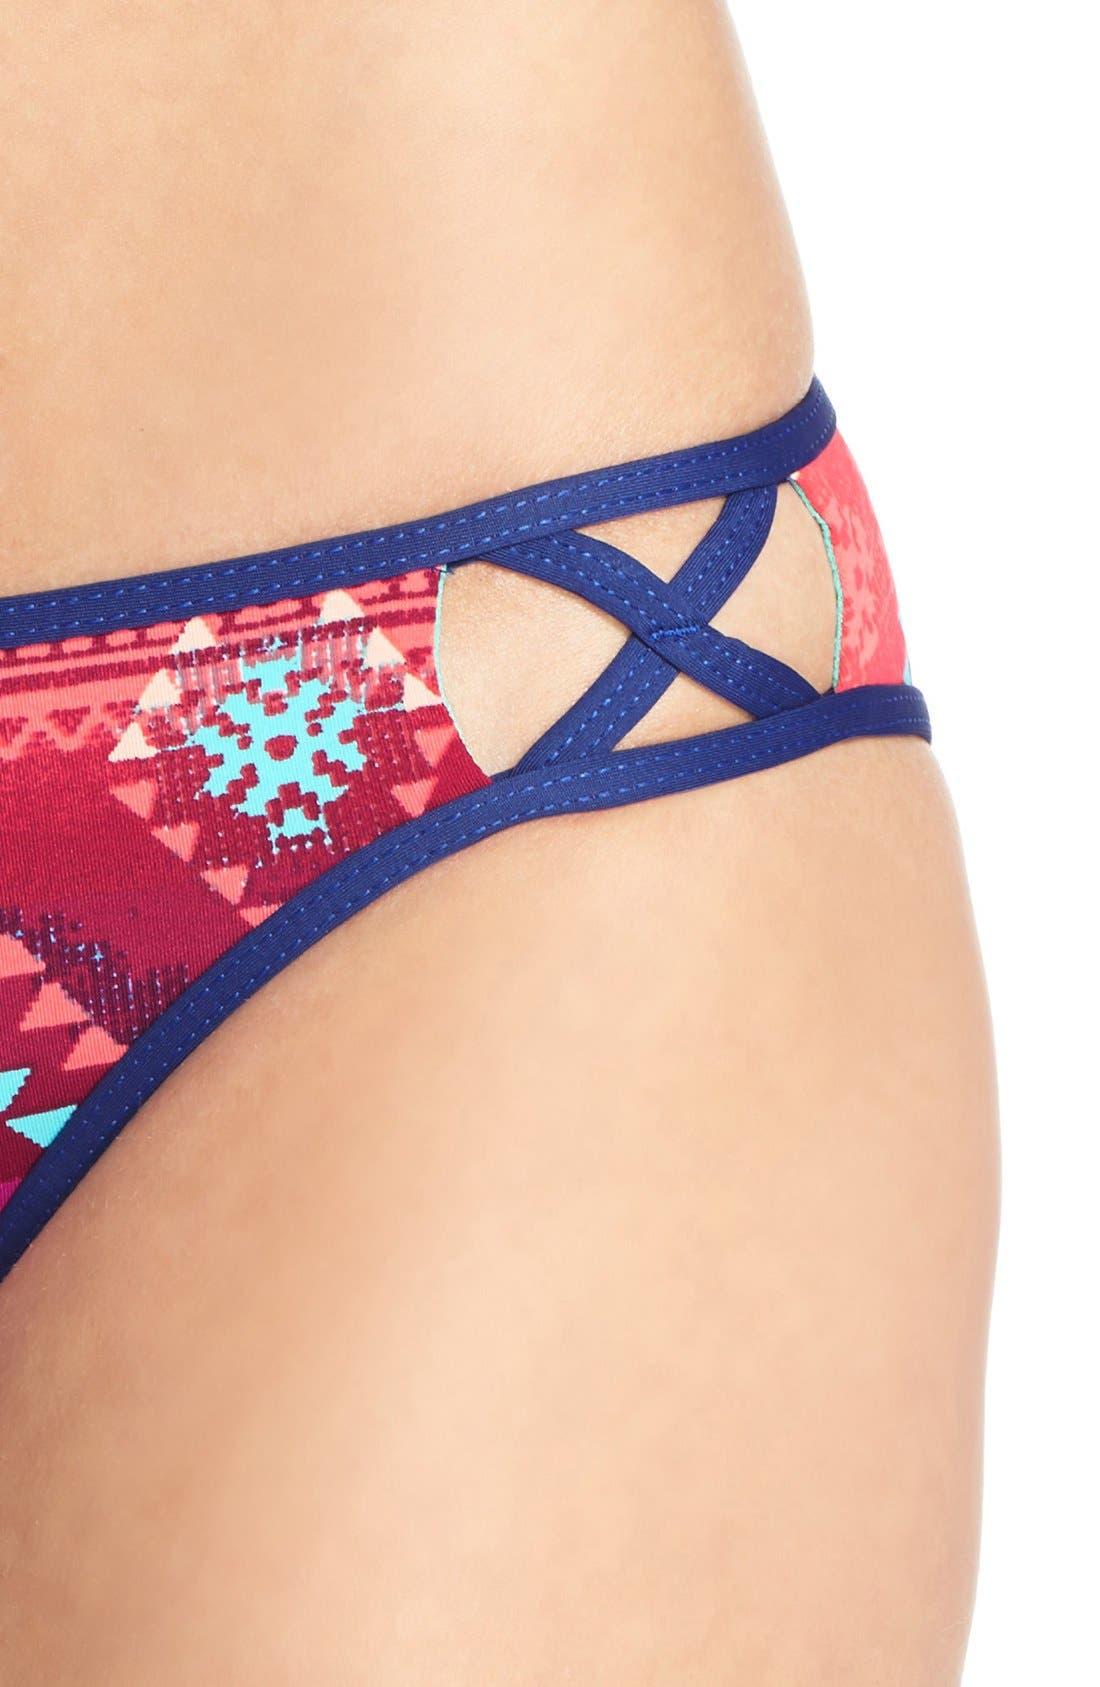 Alternate Image 3  - The Bikini Lab 'Girls Wanna Sun' Hipster Bikini Bottoms